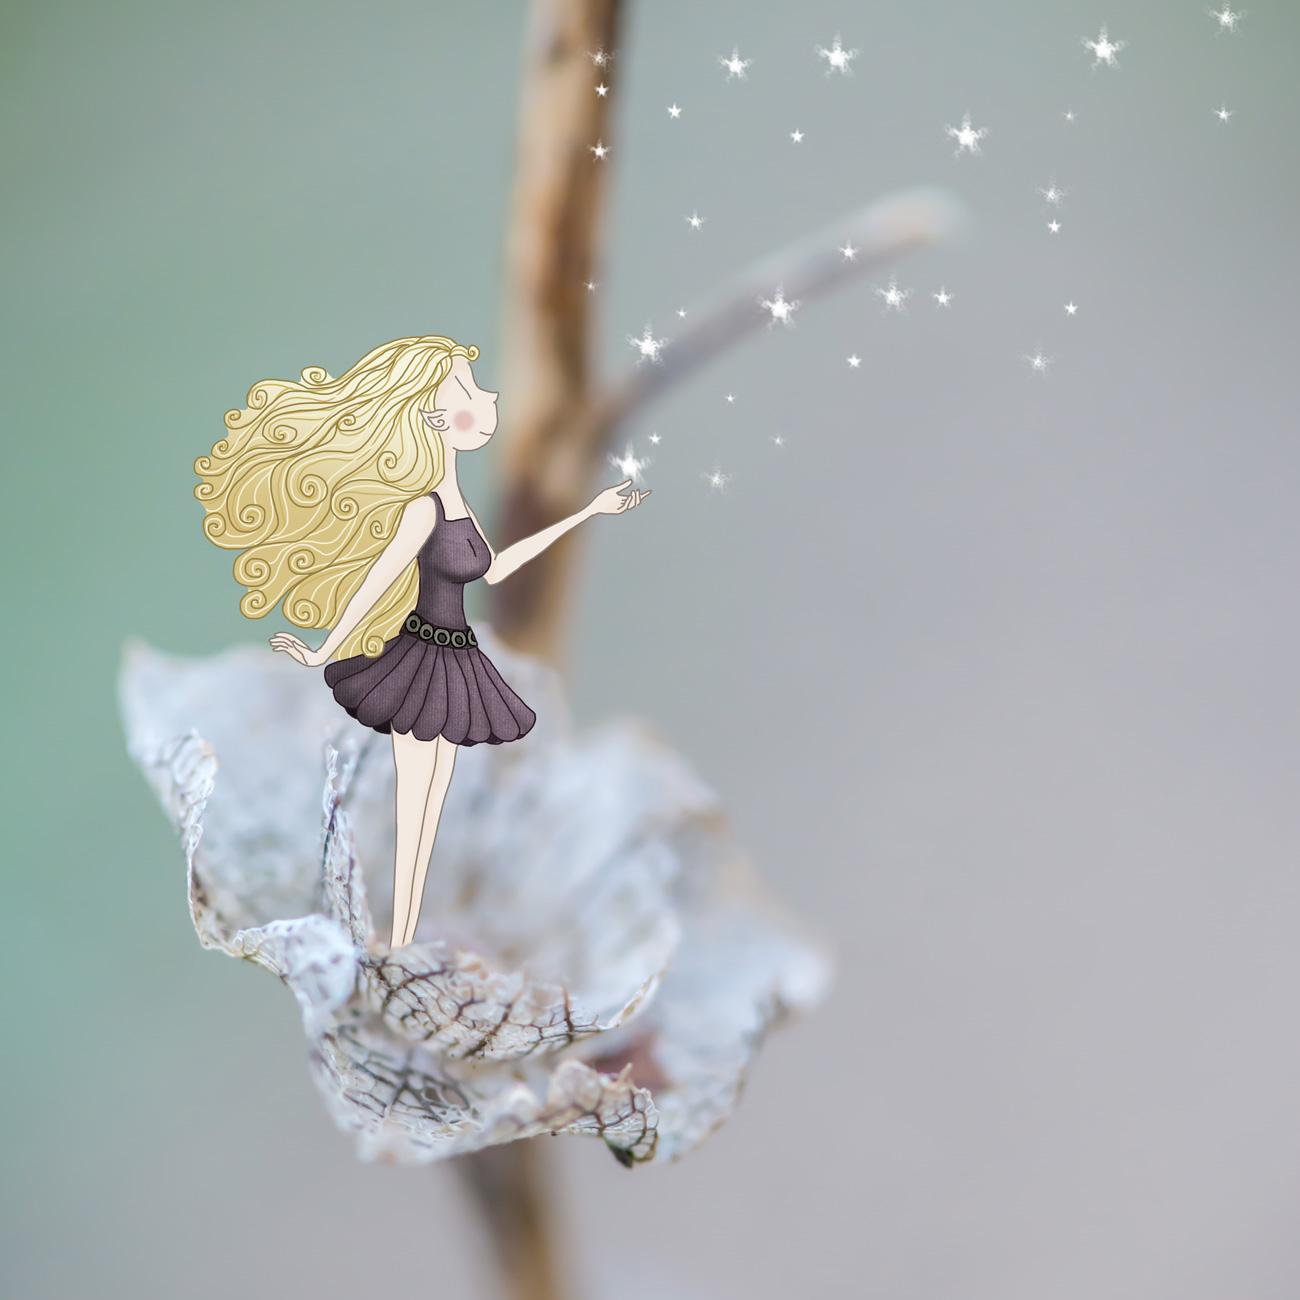 petite fée - Lumi Poullaouec - Création - Photographie et illustration féérique